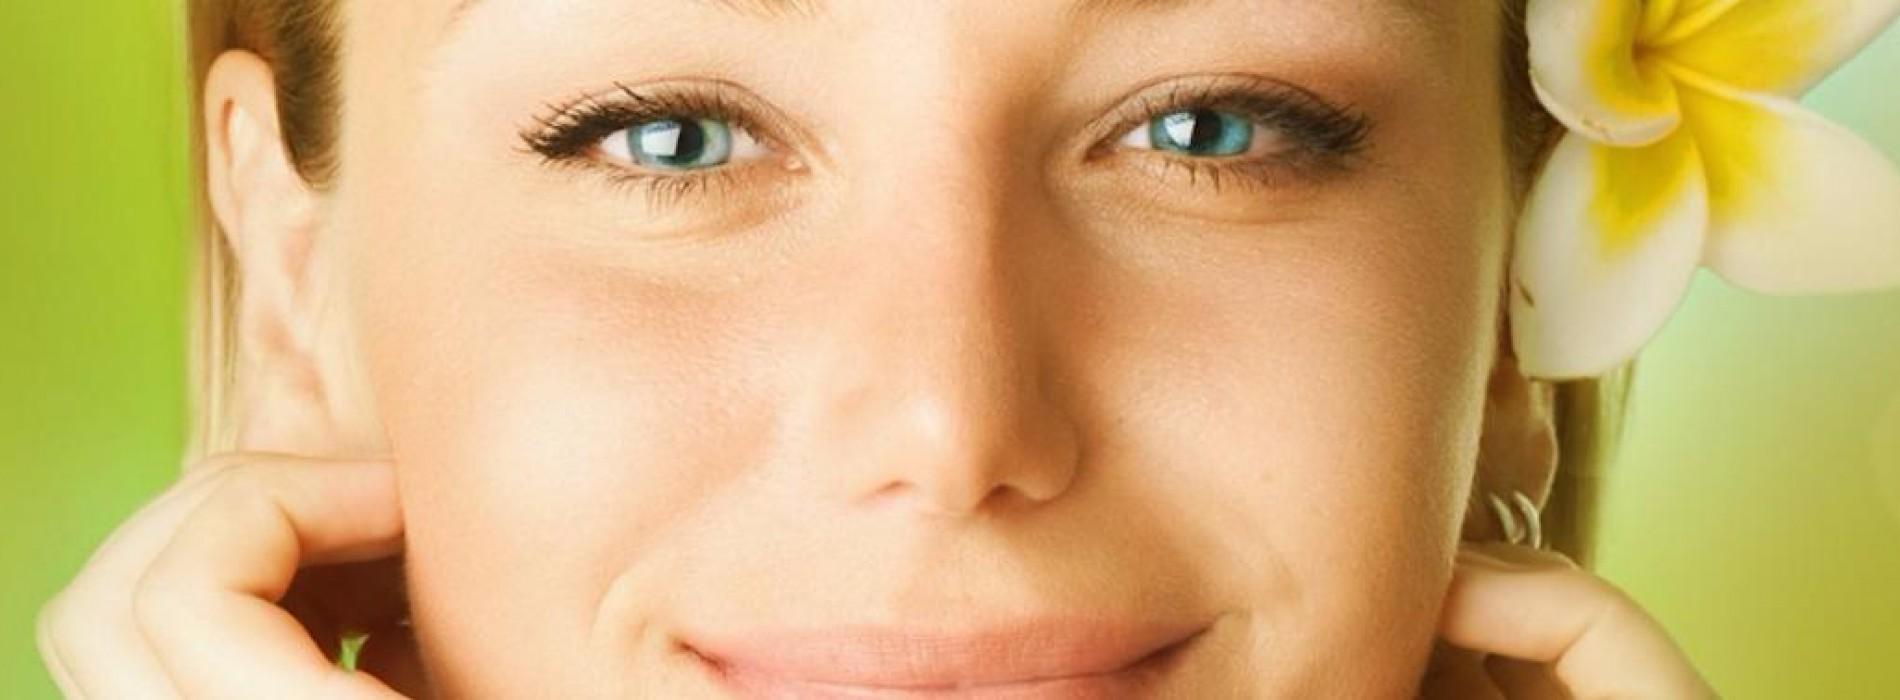 Huid verjonging – Gezonde recepten voor een strakke huid